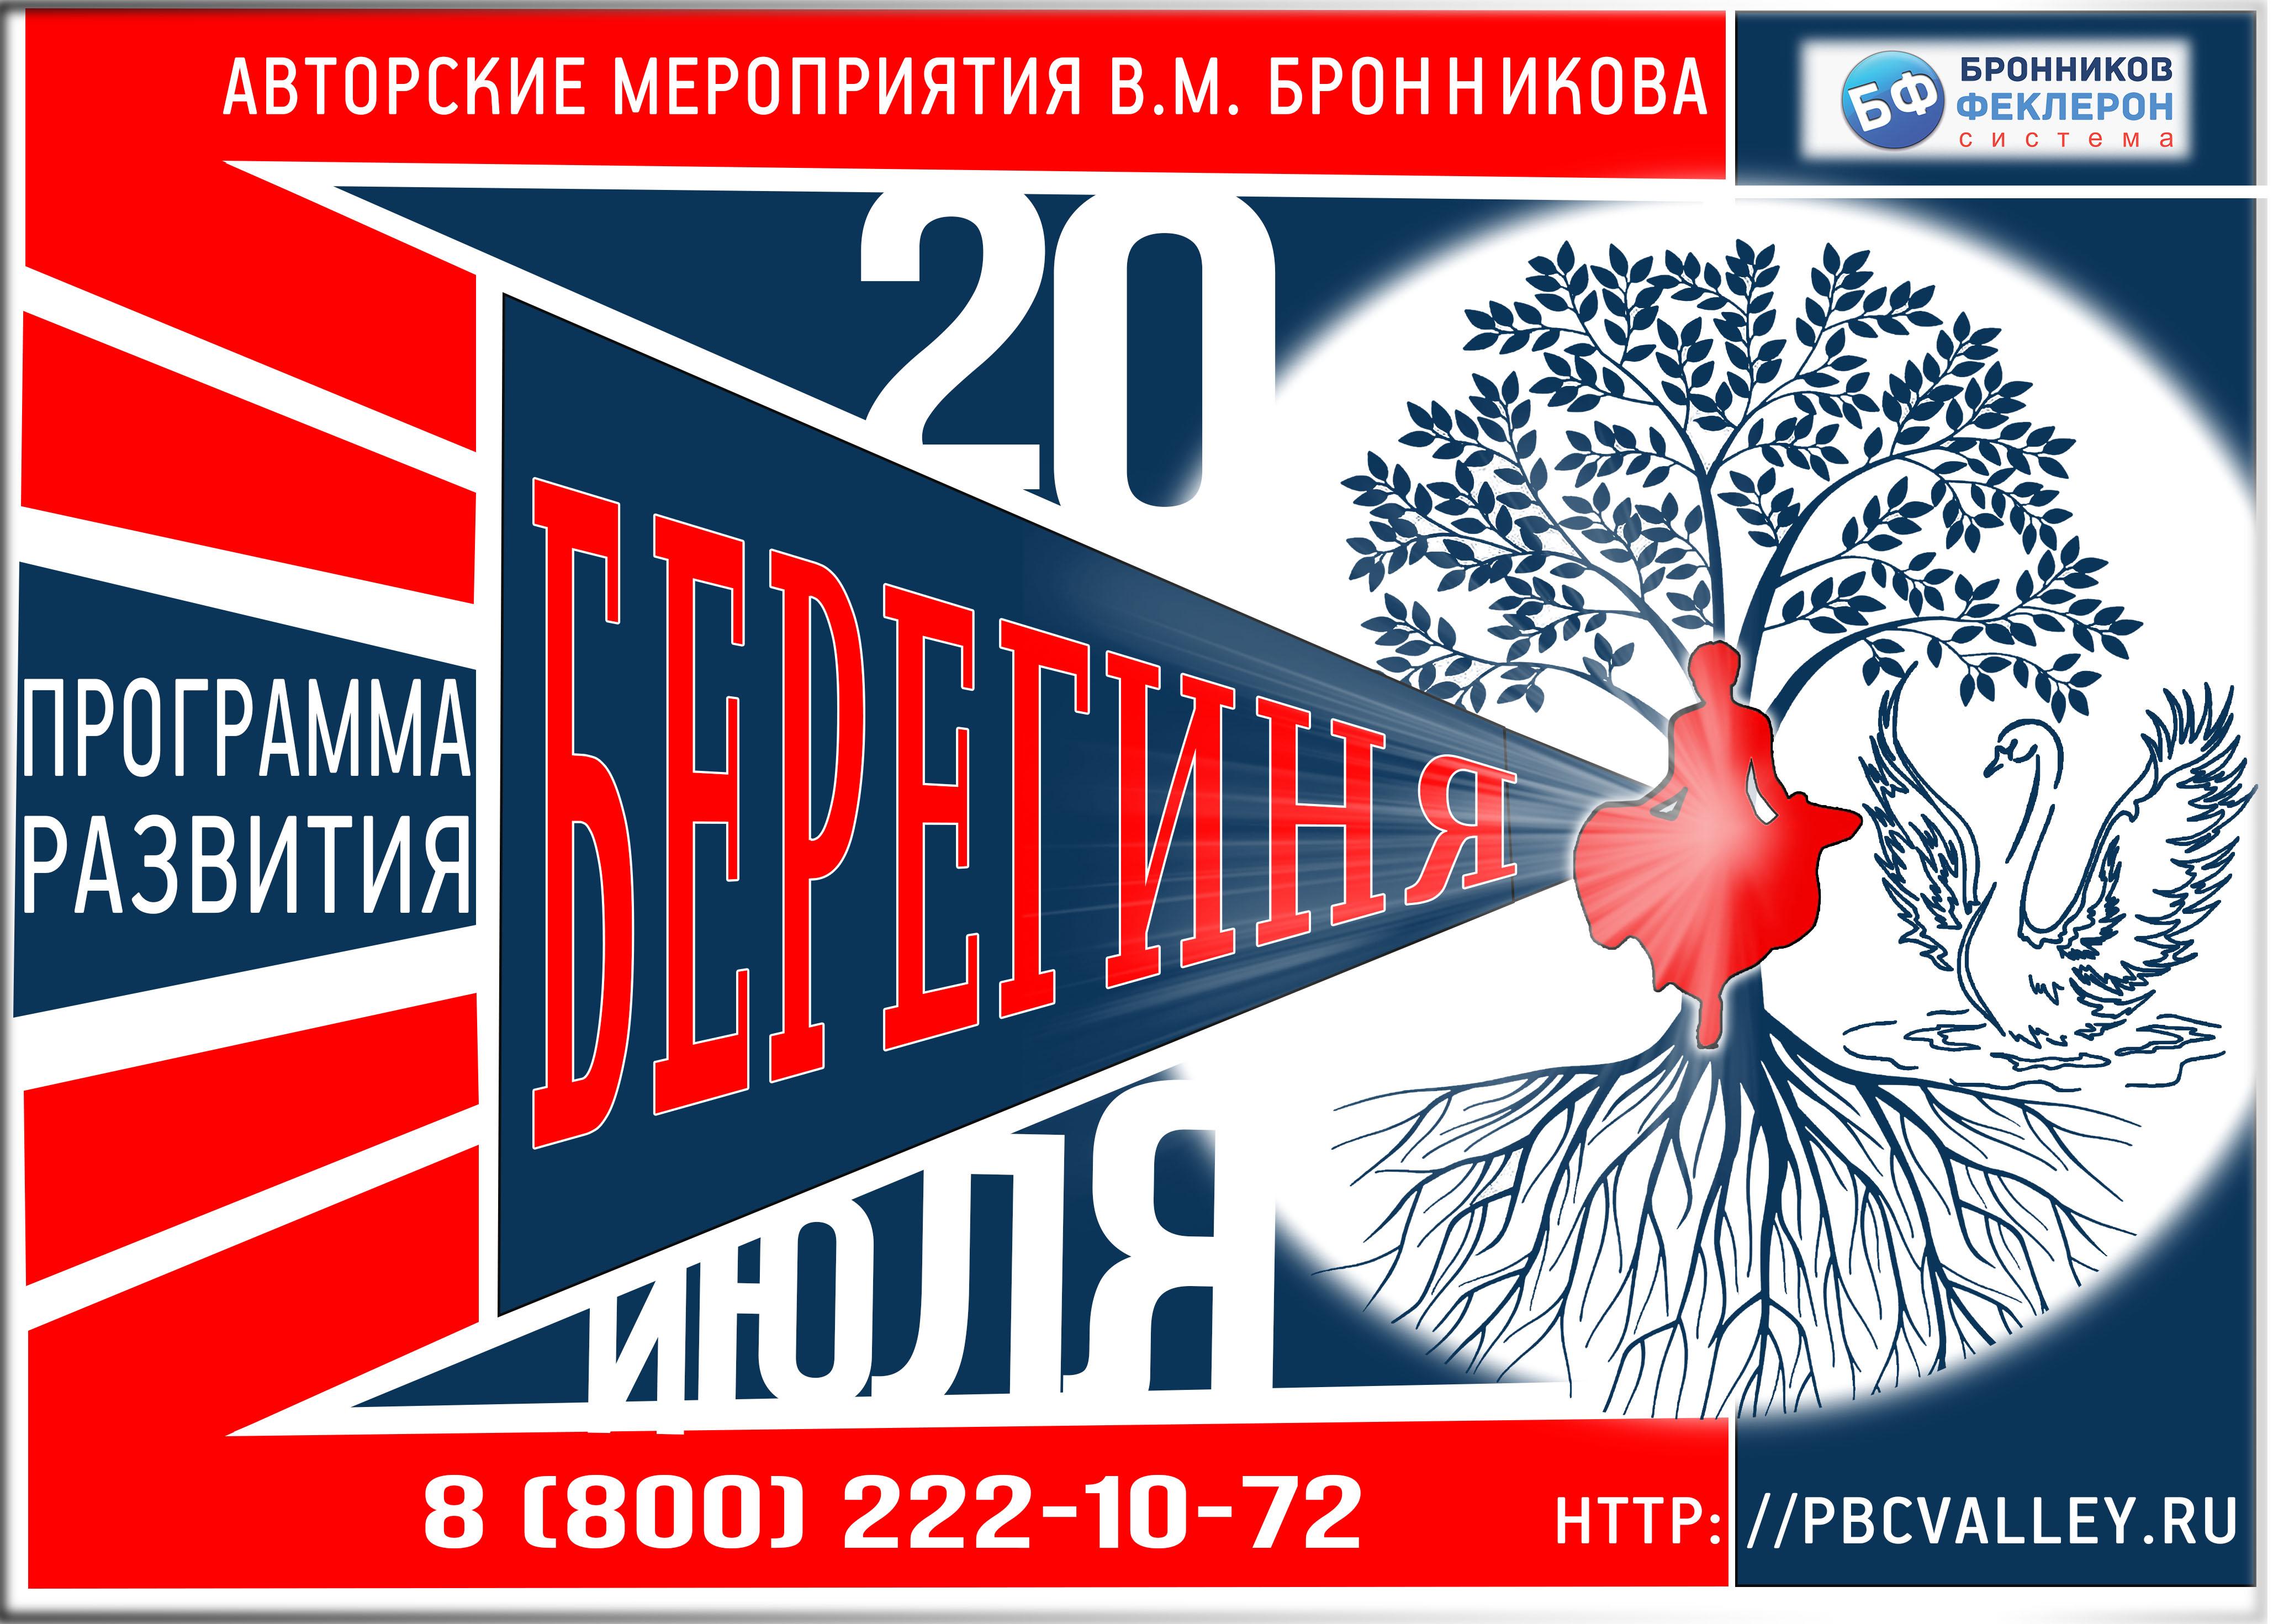 Авторские мероприятия 20 июля 2019 «Берегиня. Программа развития»